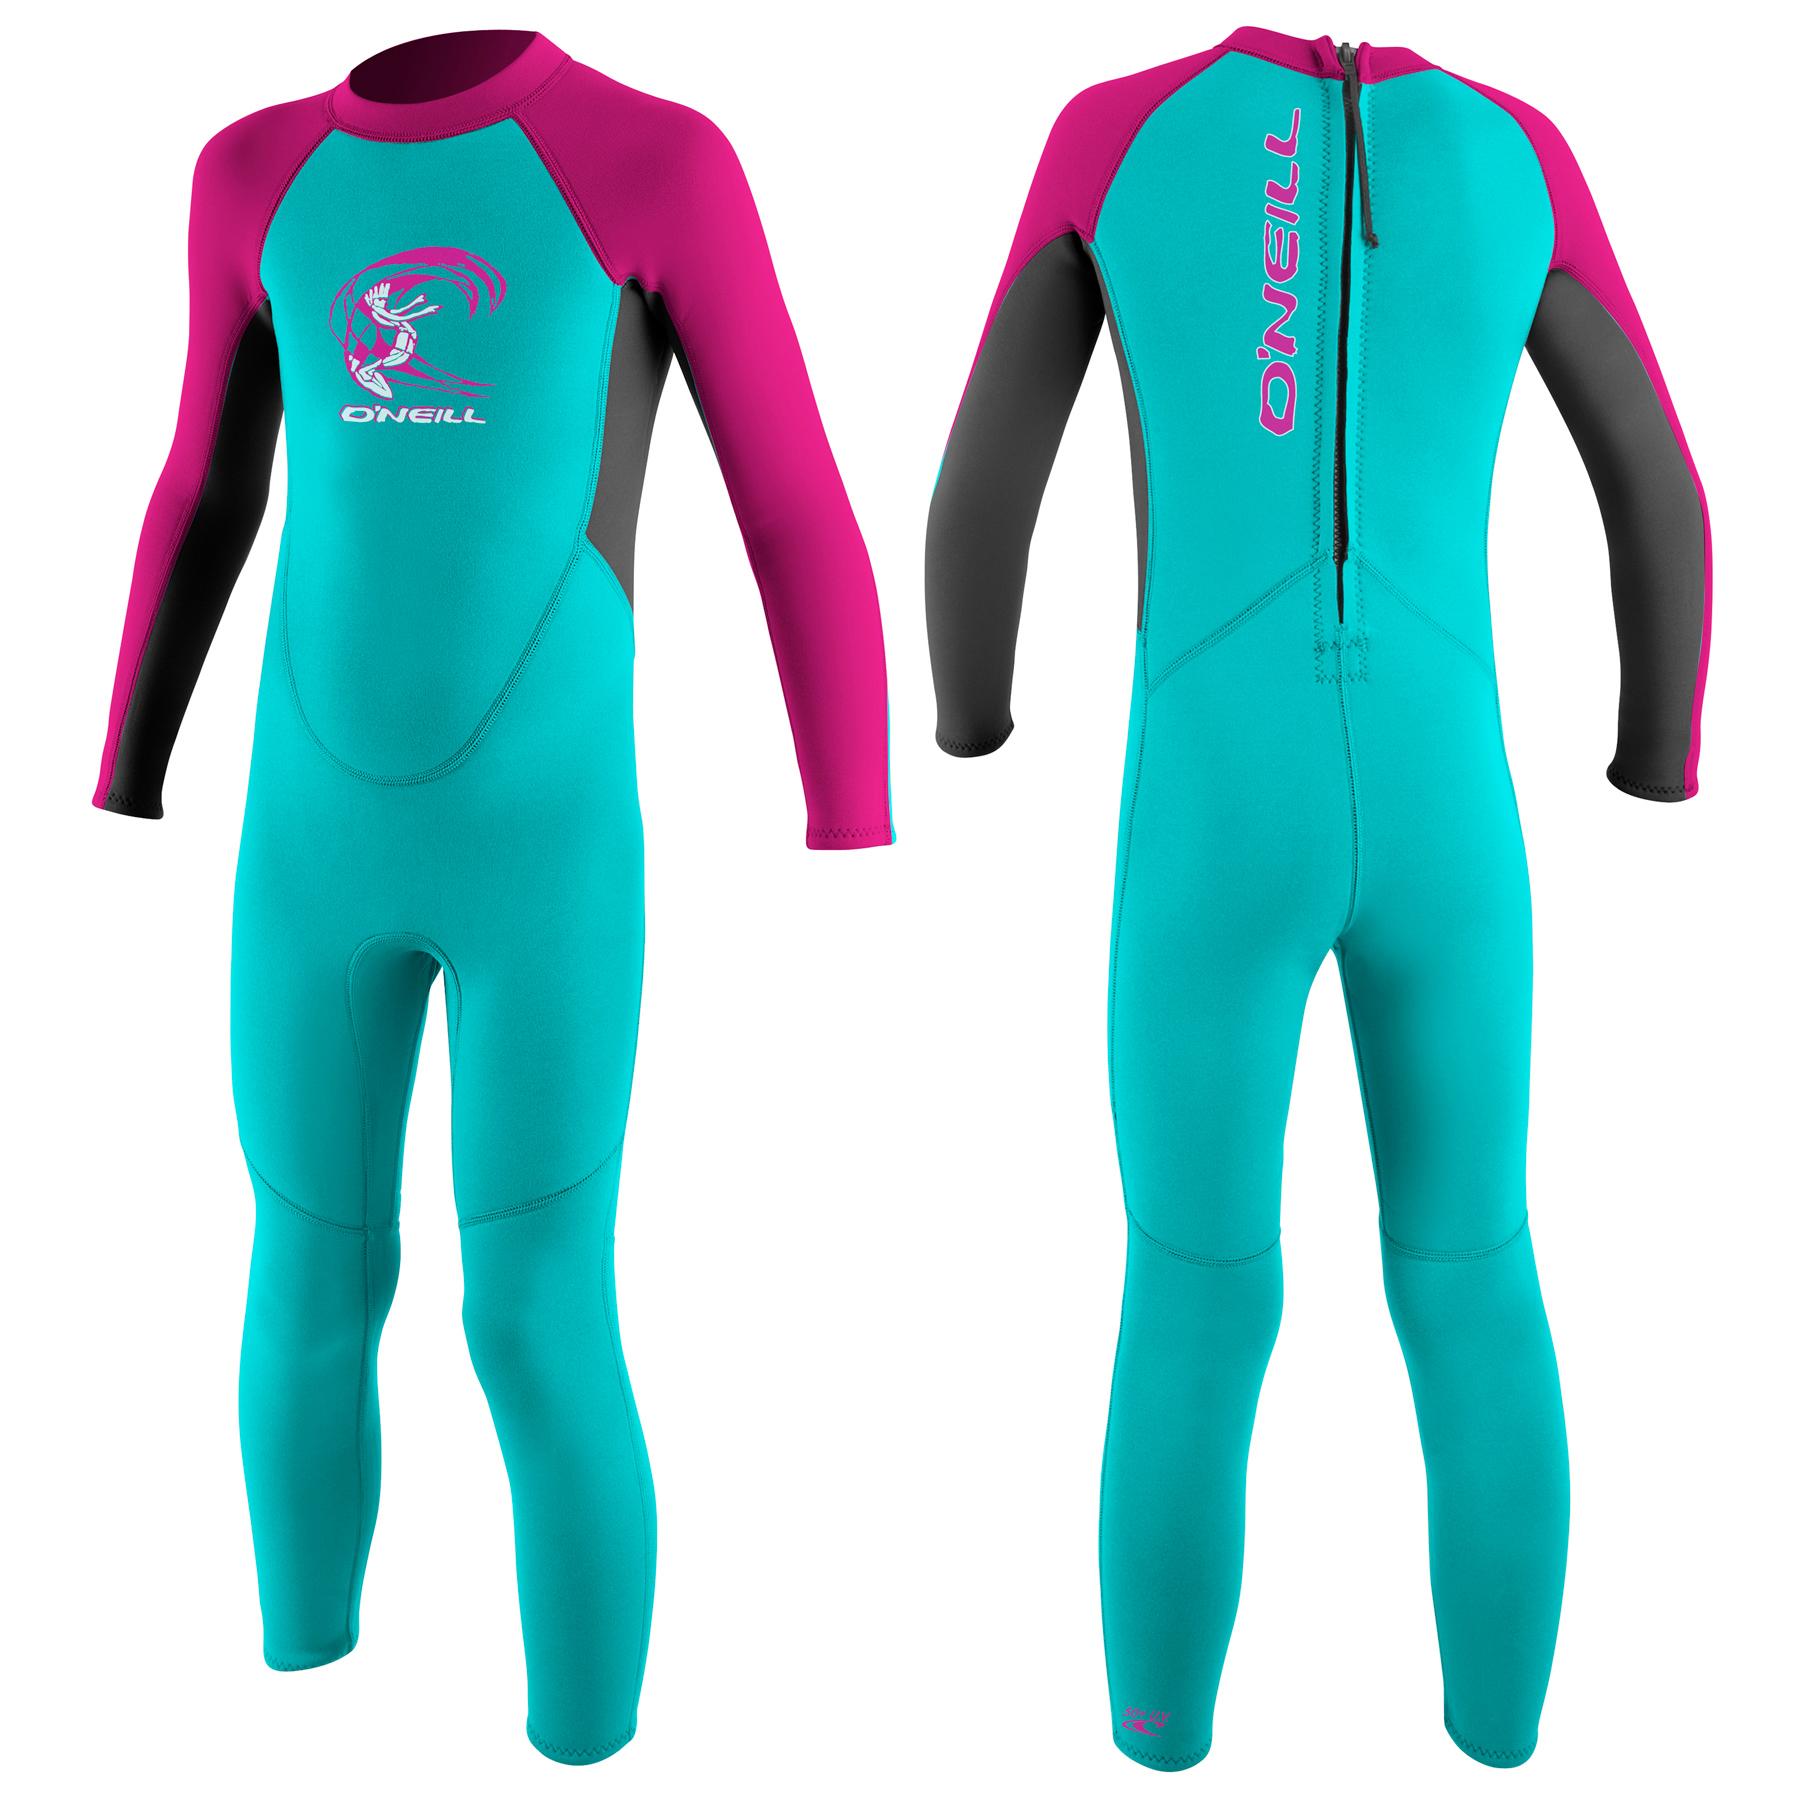 Comprar traje de surf de neopreno niños y jóvenes - Tienda online Surfmarket 1970c84bd0da